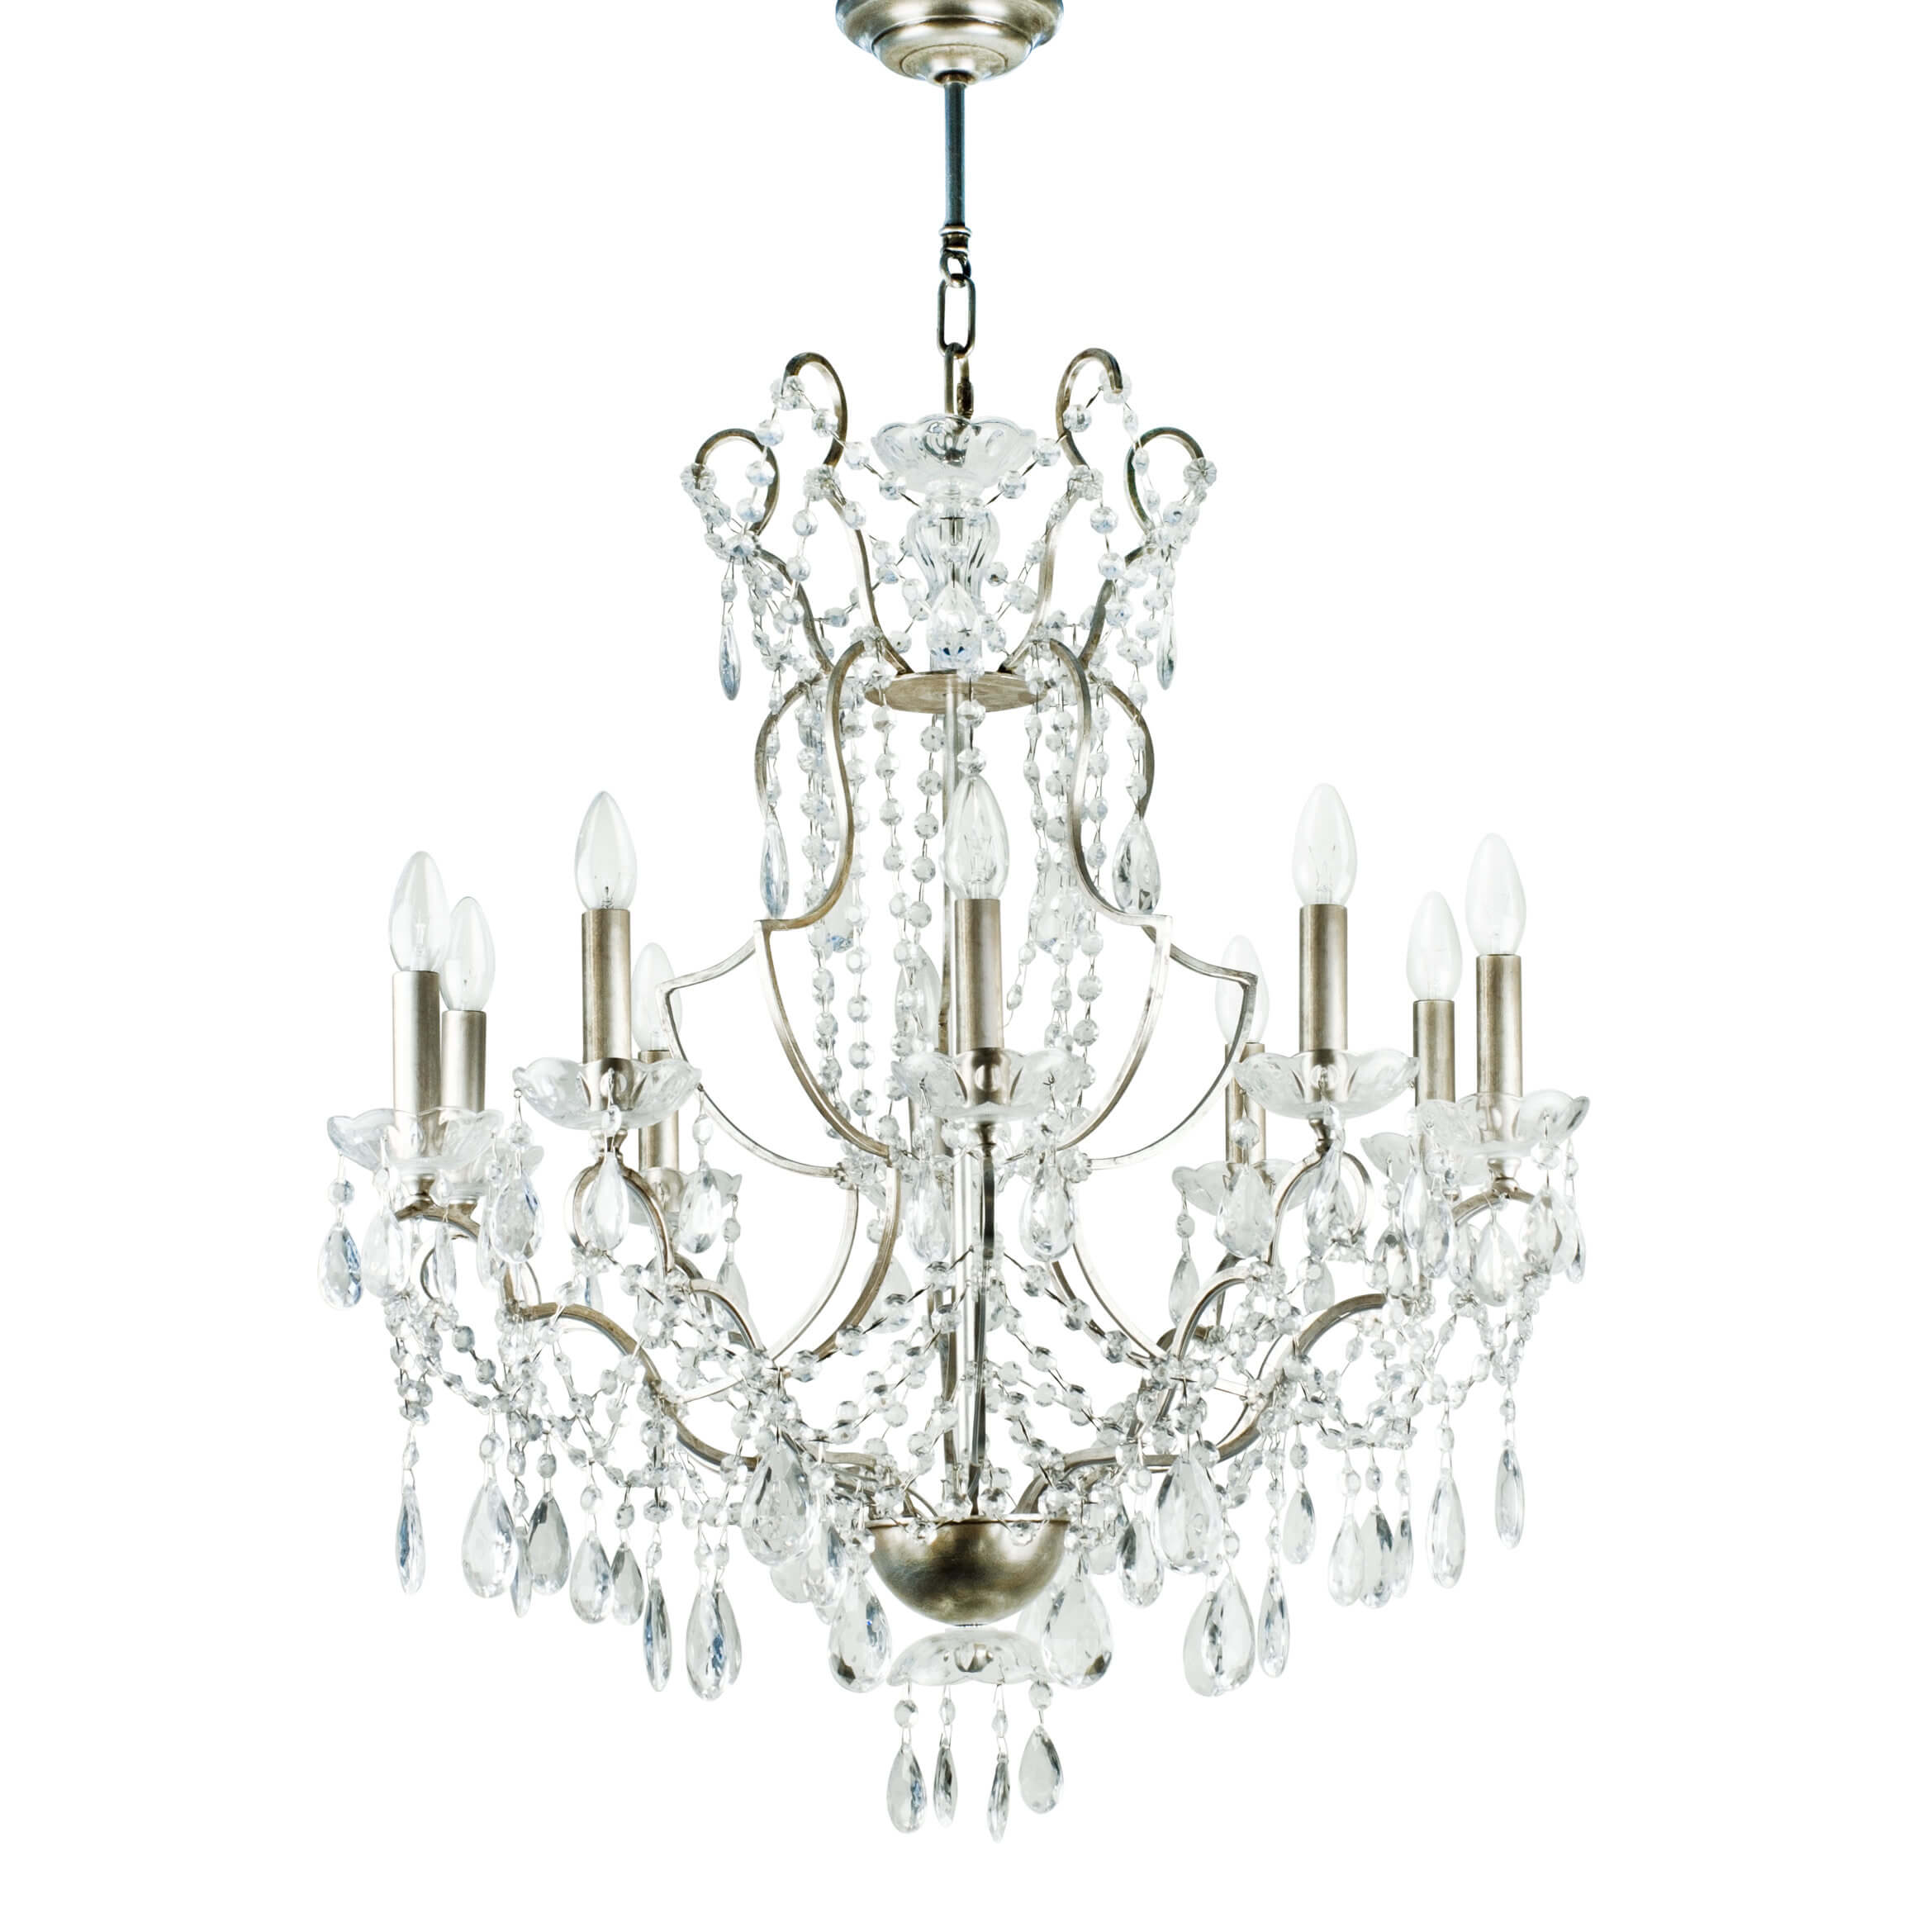 Lucienne villaverde london villaverde london lucienne metal chandelier square02 arubaitofo Gallery